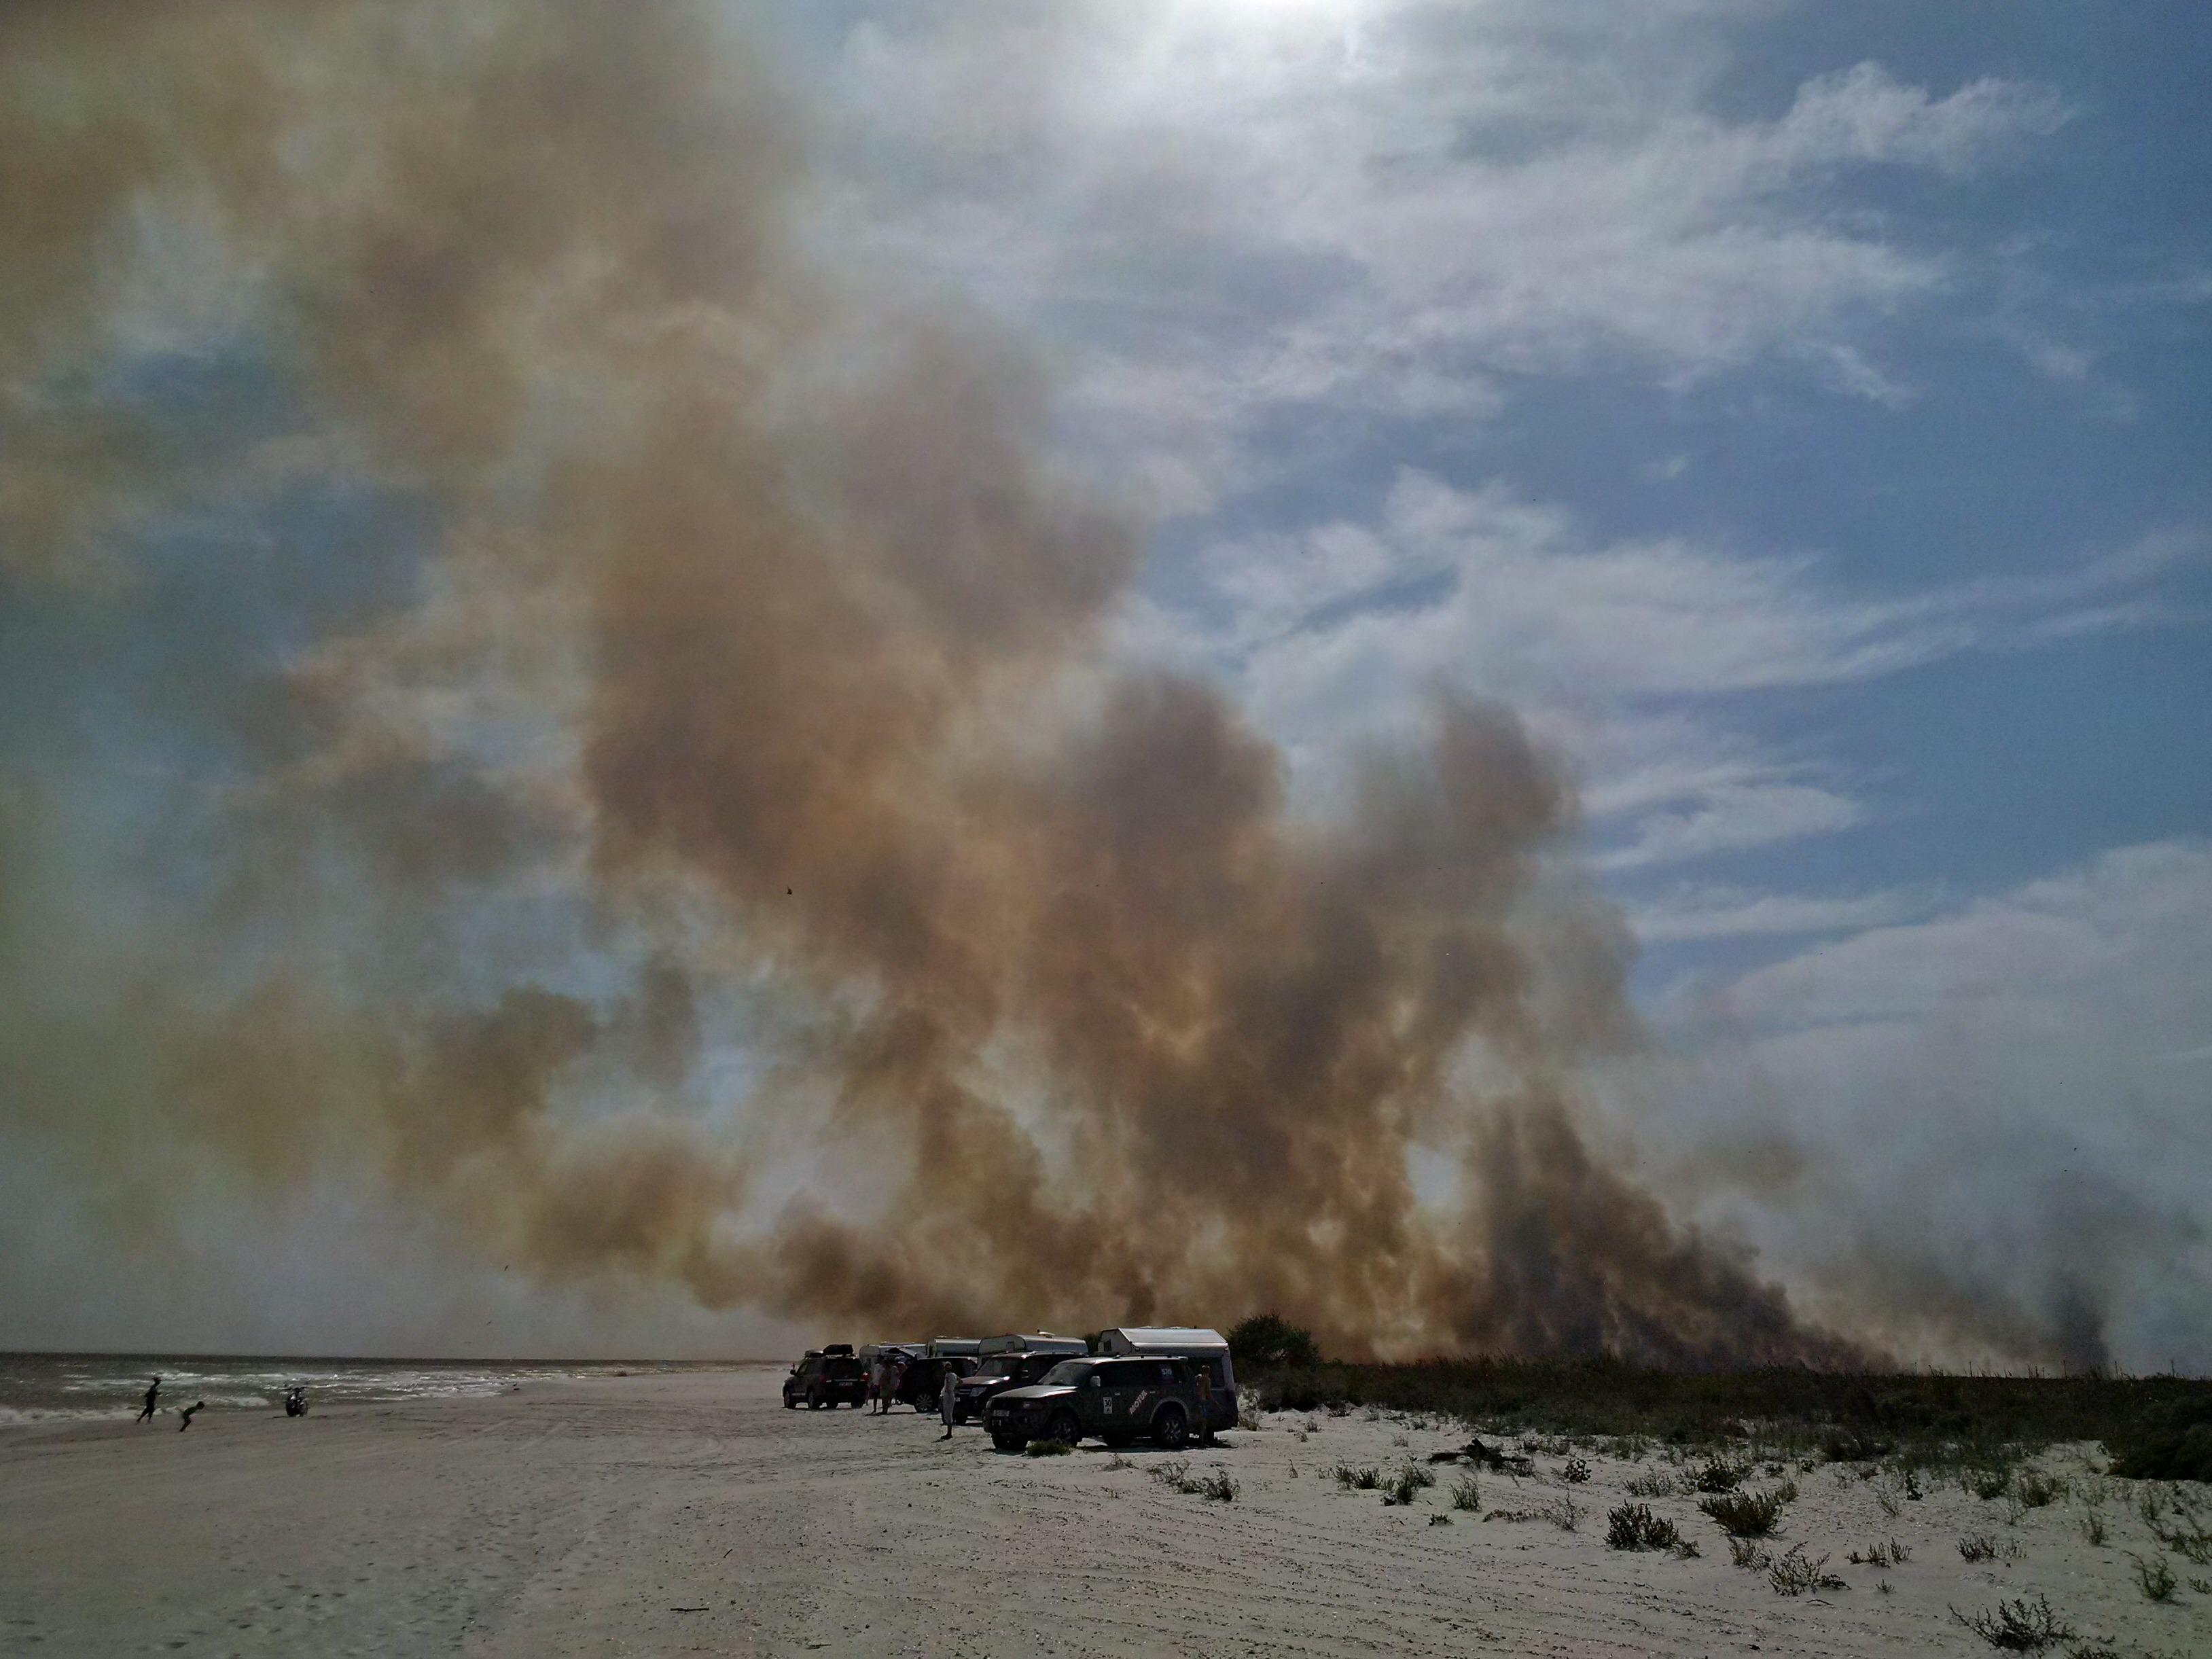 Incendiu violent langa plaja de la Vadu. Zeci de hectare de vegetatie si o pescarie au fost mistuite de flacari